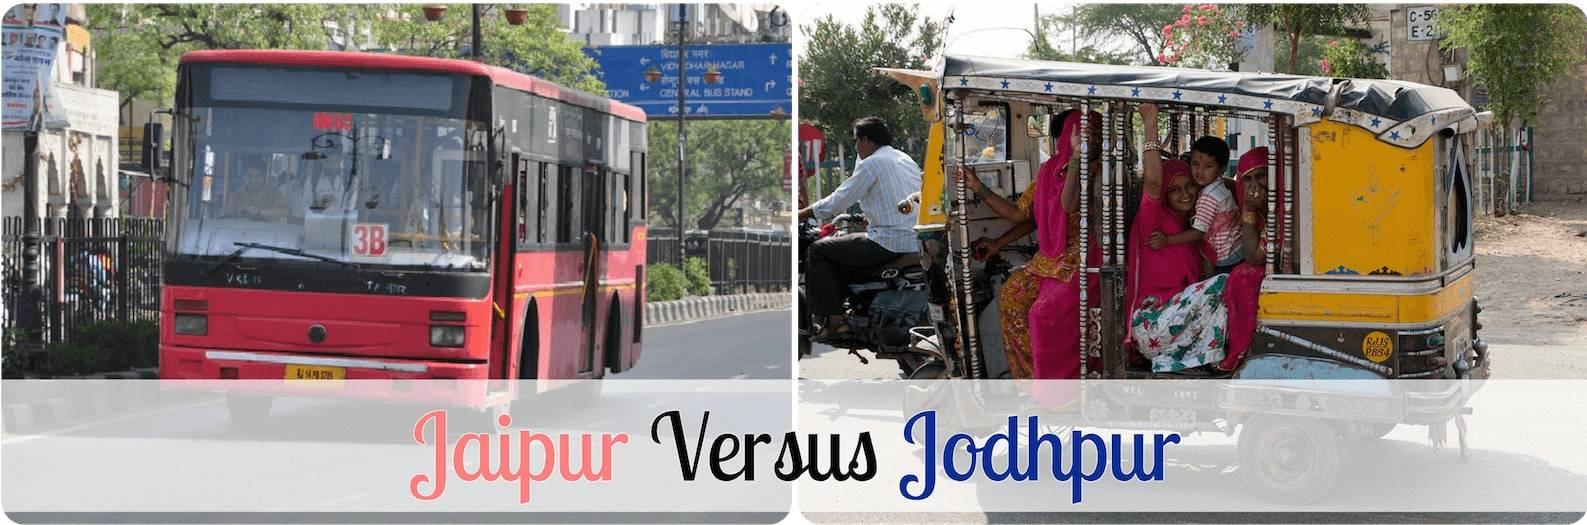 jaipur-or-jodhpur.jpg